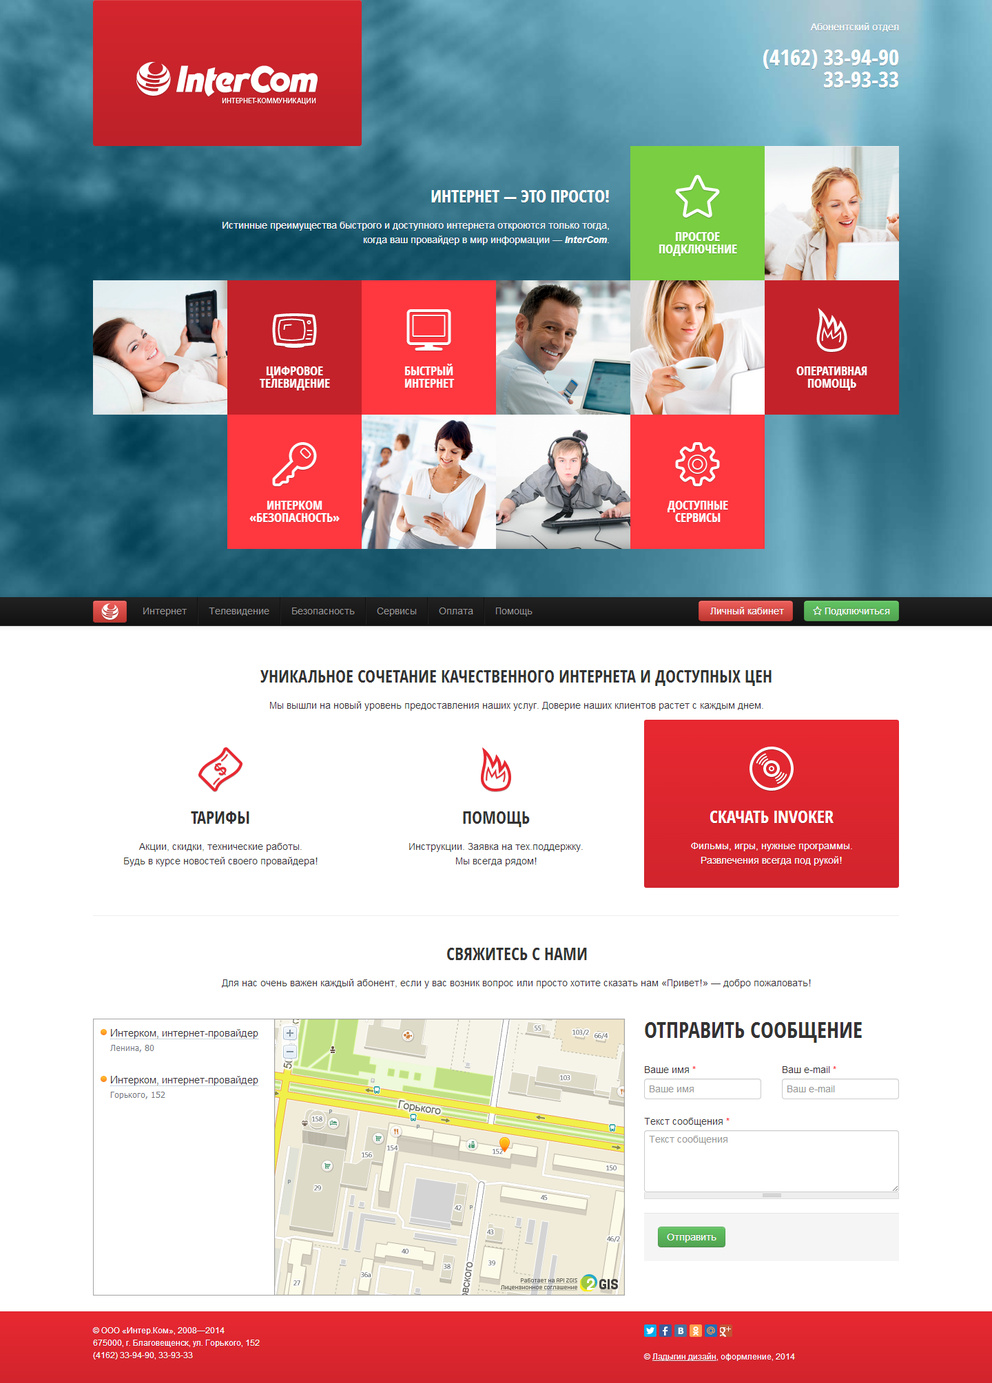 Официальный сайт интернет-провайдера «Интерком» / Проект компании Ладыгин дизайн